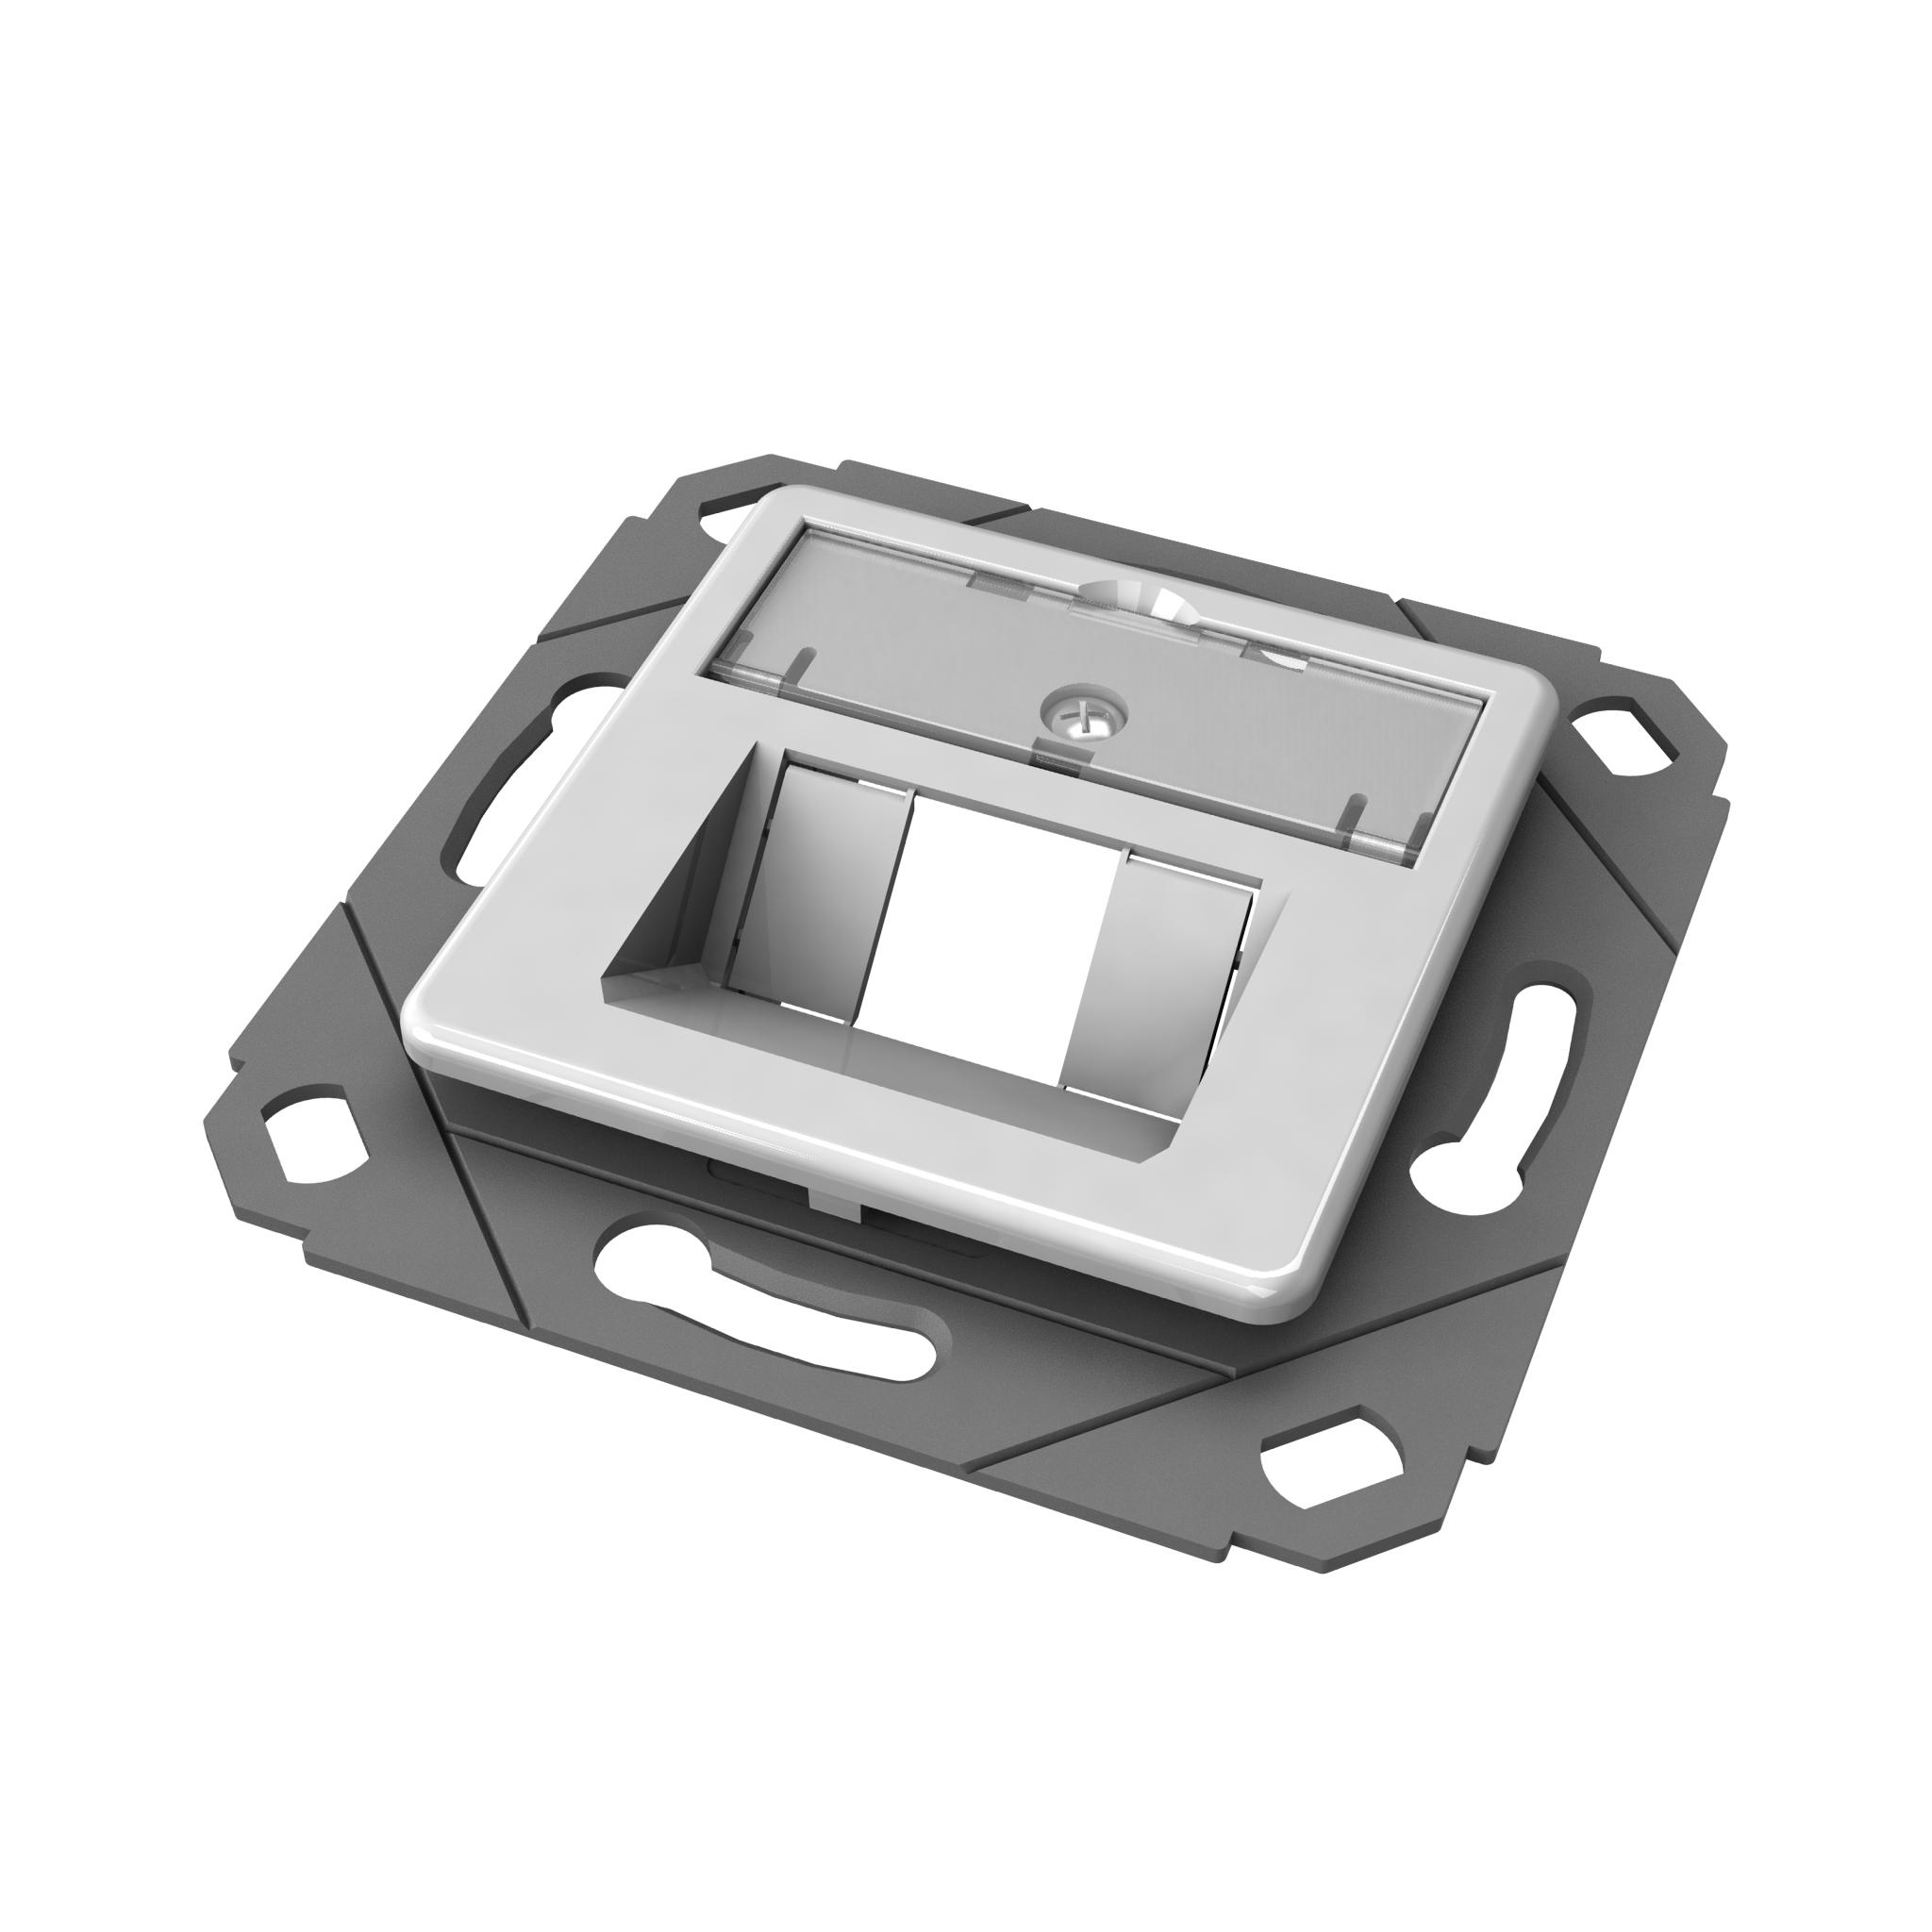 1 Stk preLink/fixLink designfähige Modulaufnahme SL 1-fach HEKFPD1WBV